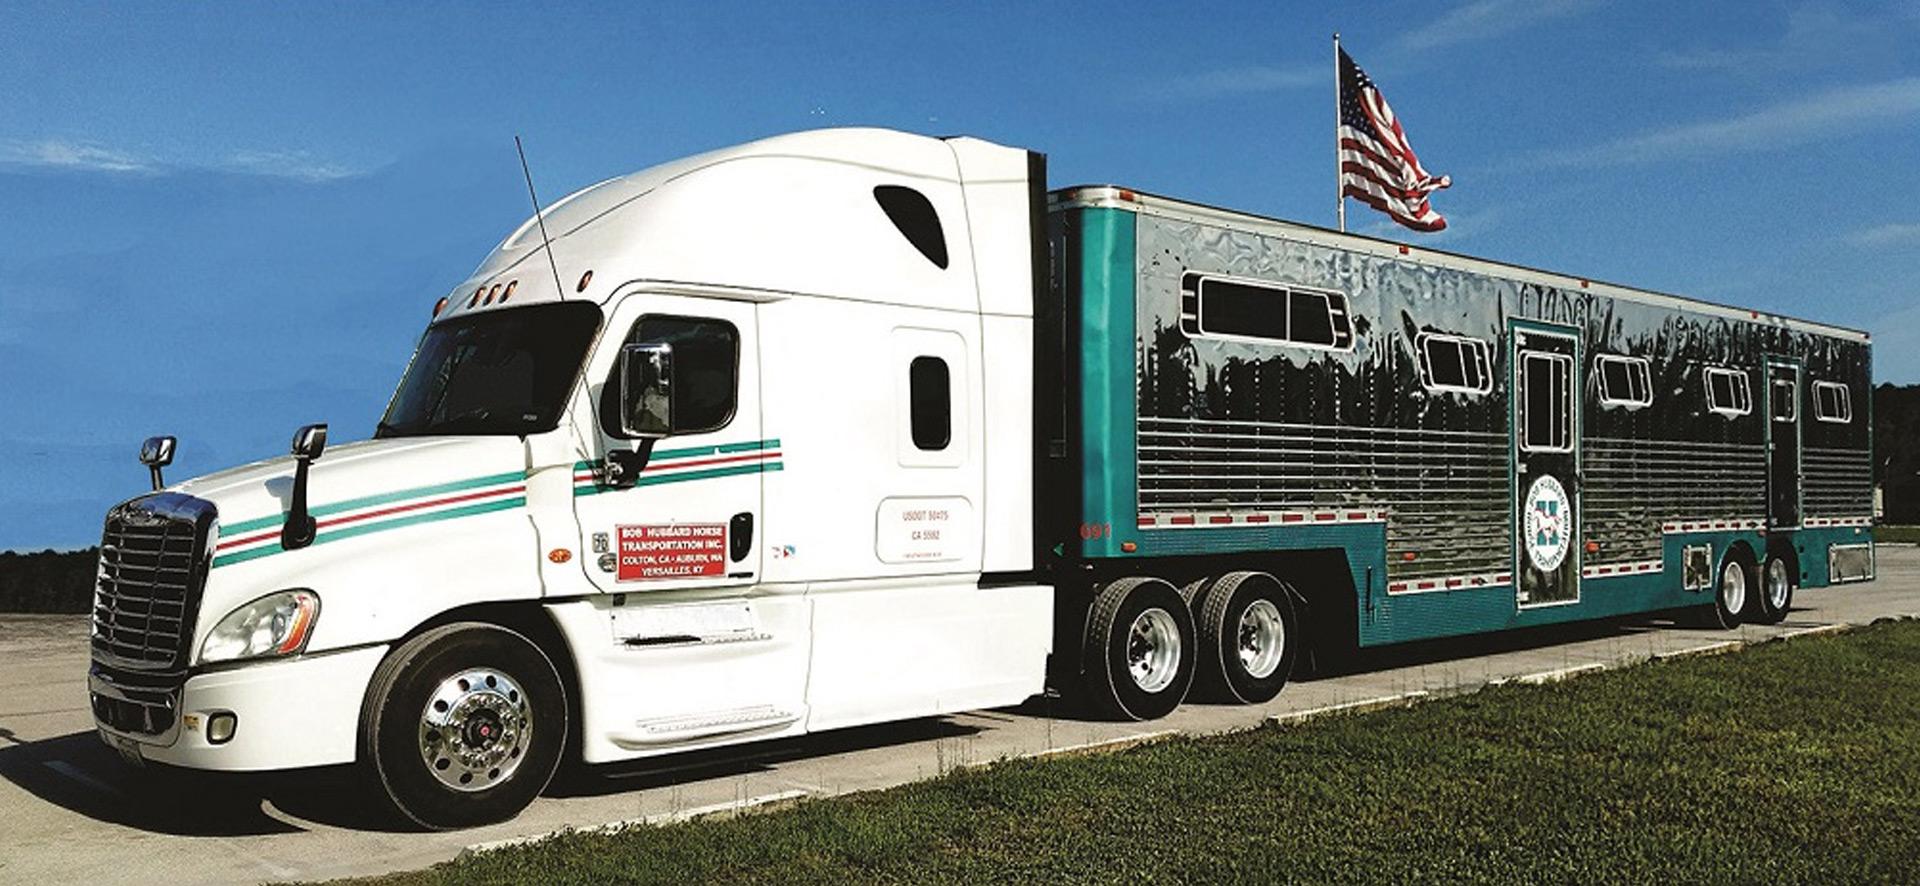 bg=truck